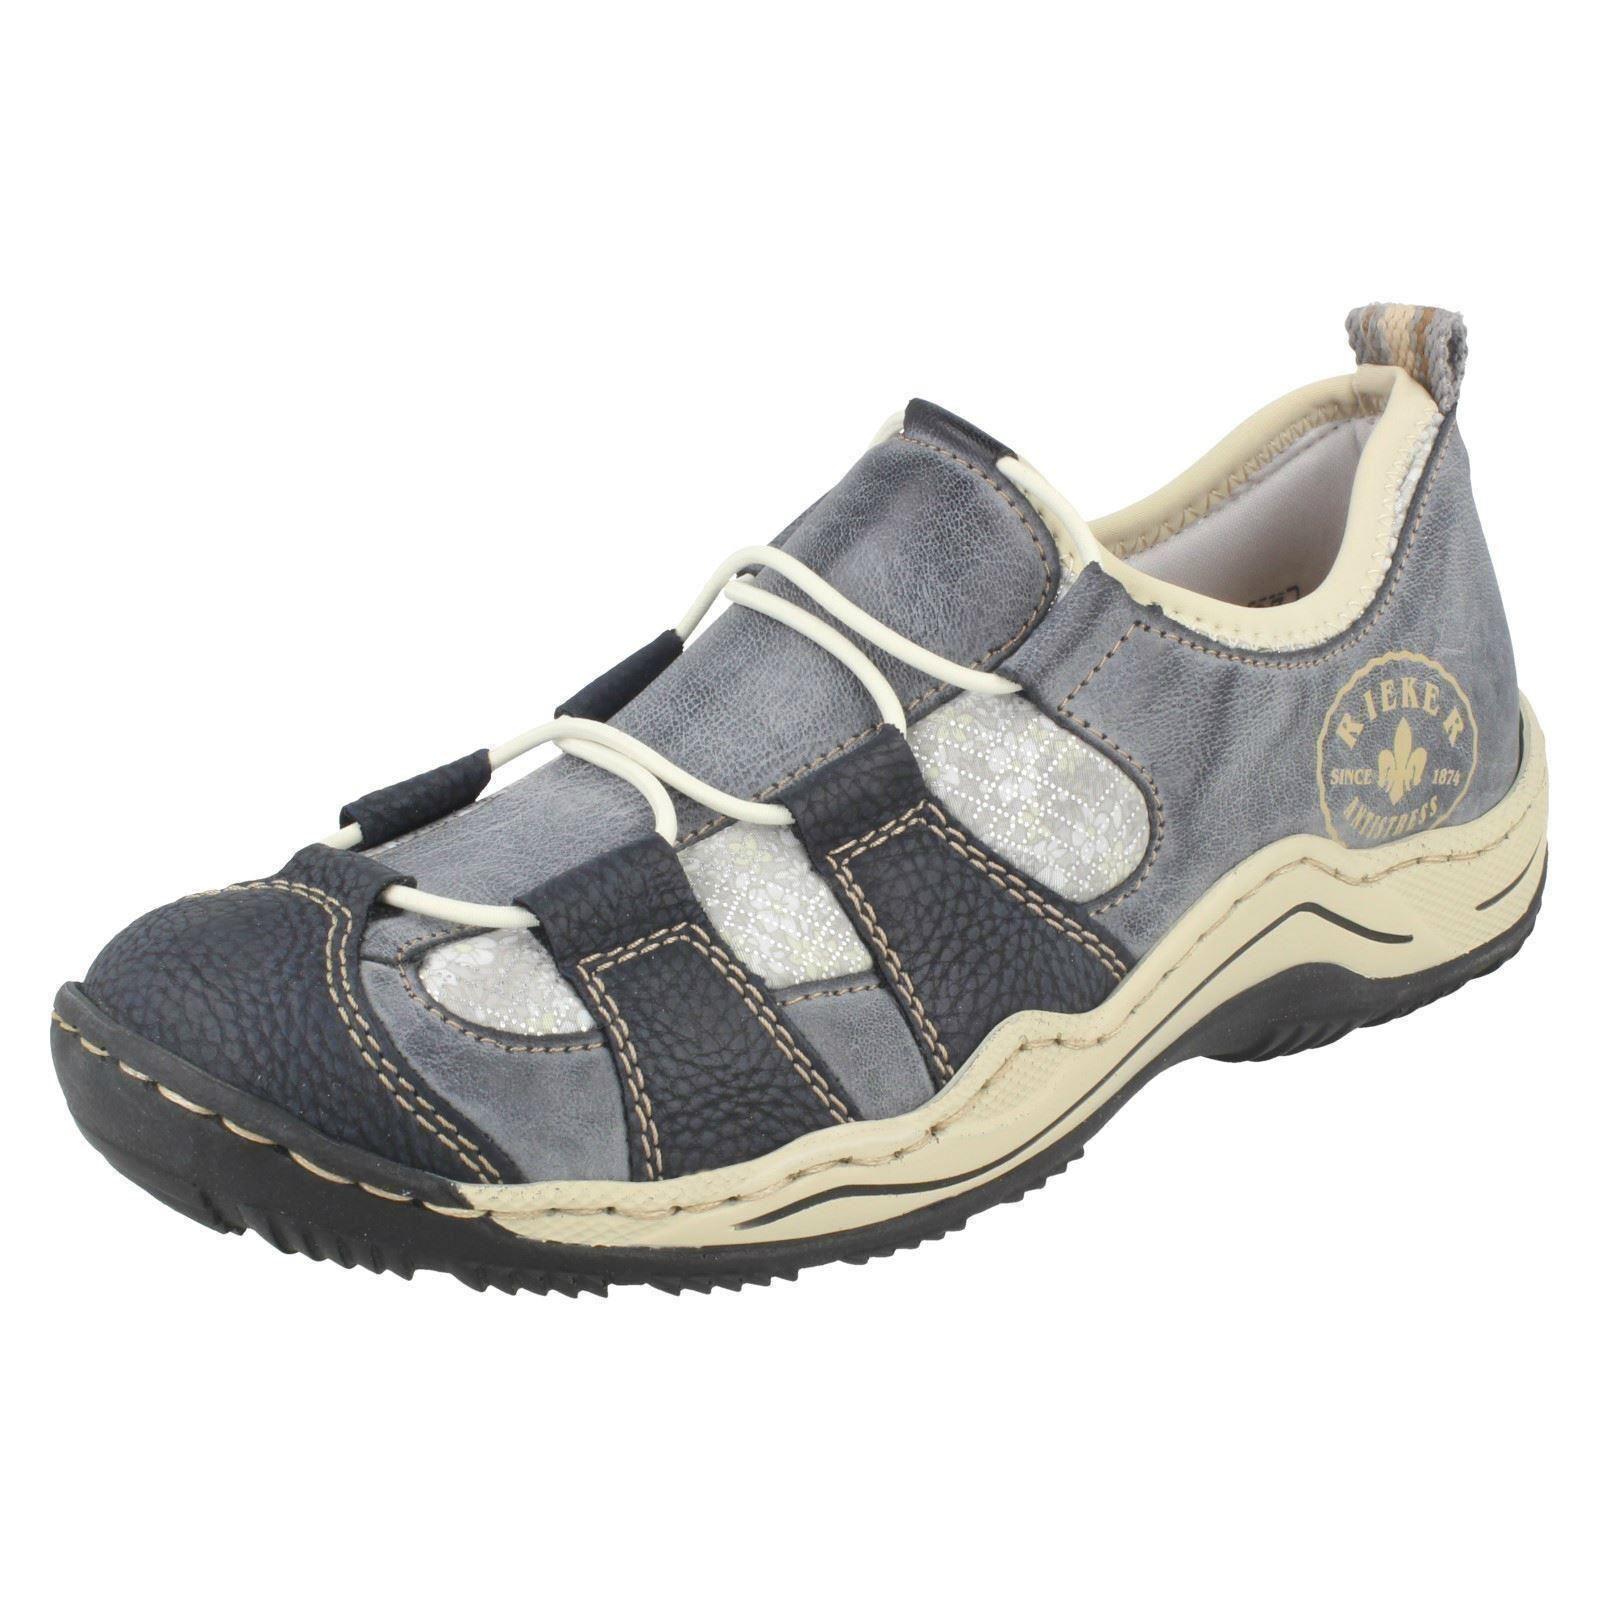 Damen Rieker L0582 Synthetisch Freizeit Turnschuh Style Slip On Schuhe